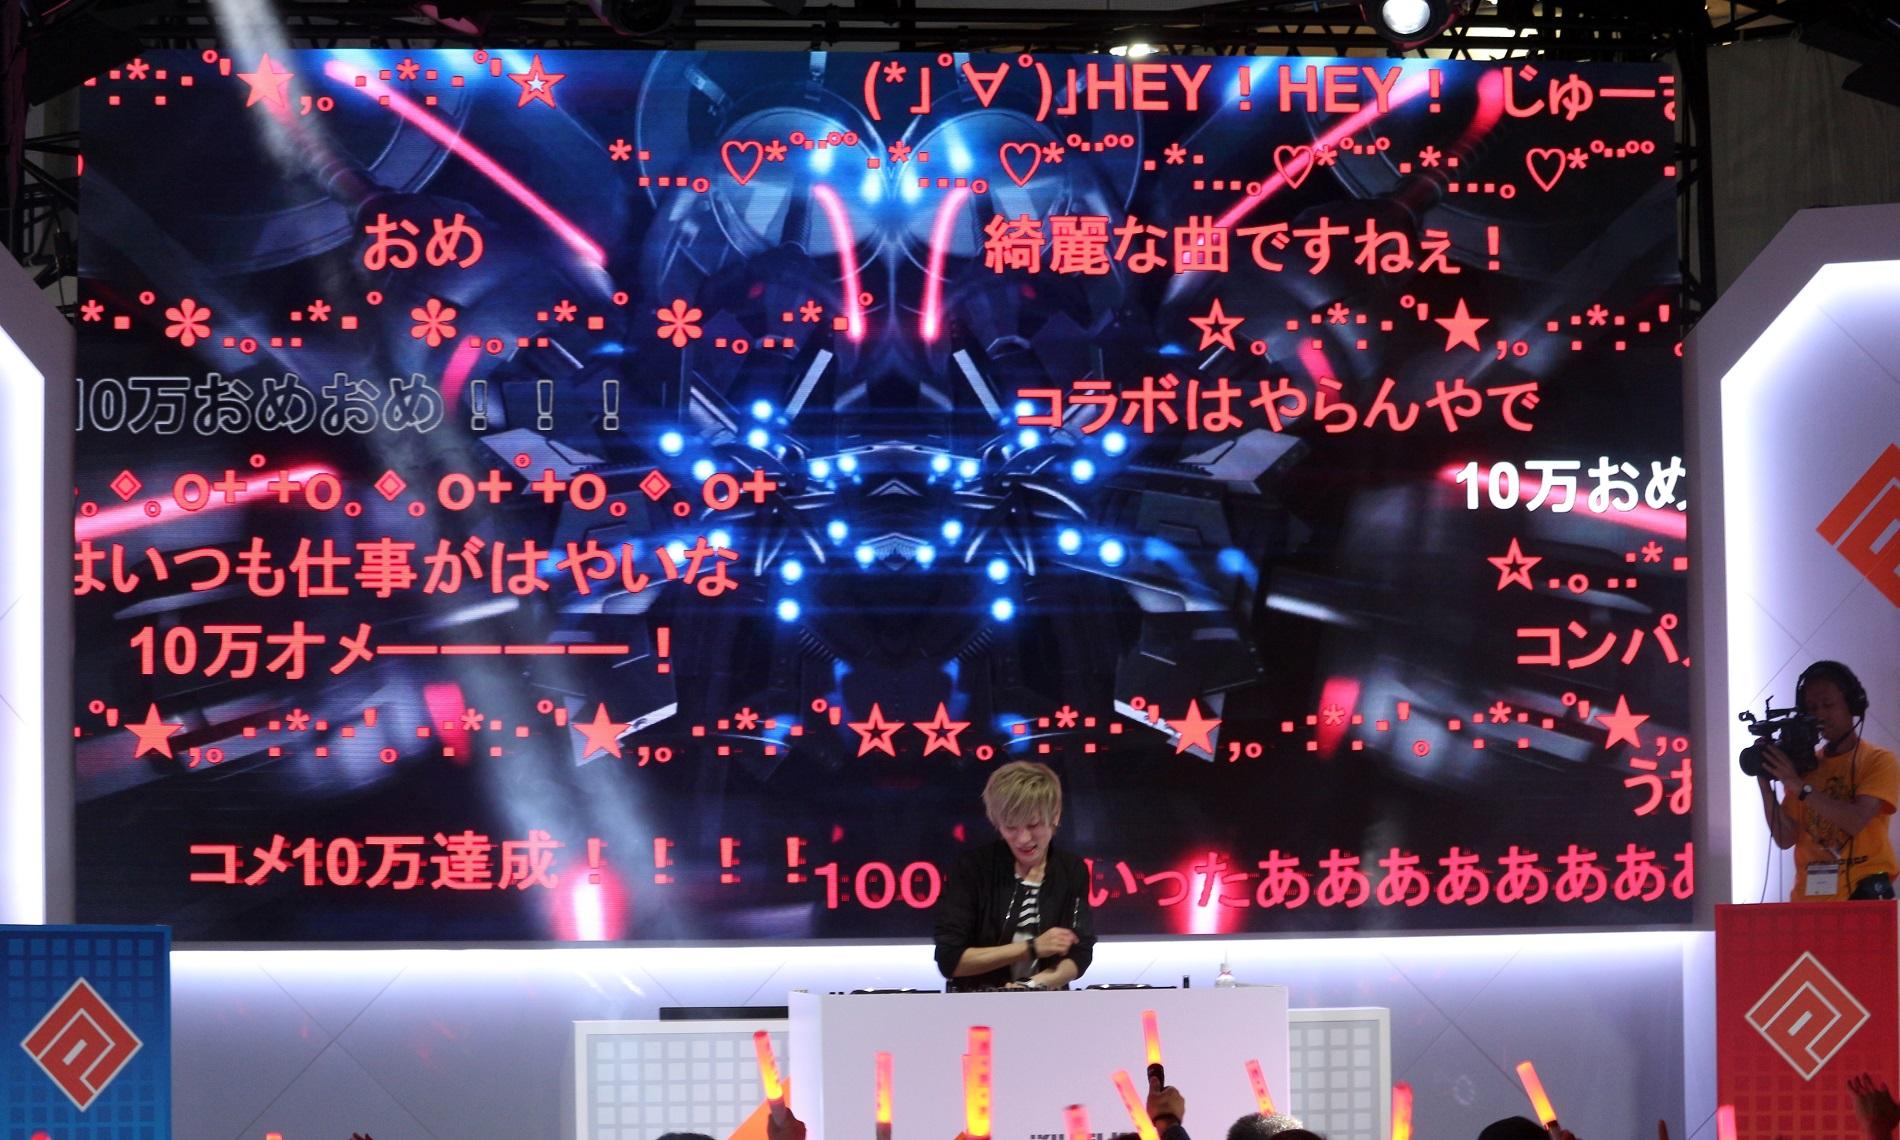 #コンパス【TGS2018】: TGS最大級の盛り上がり!「#COMPASS×VocaNicoステージ」レポート